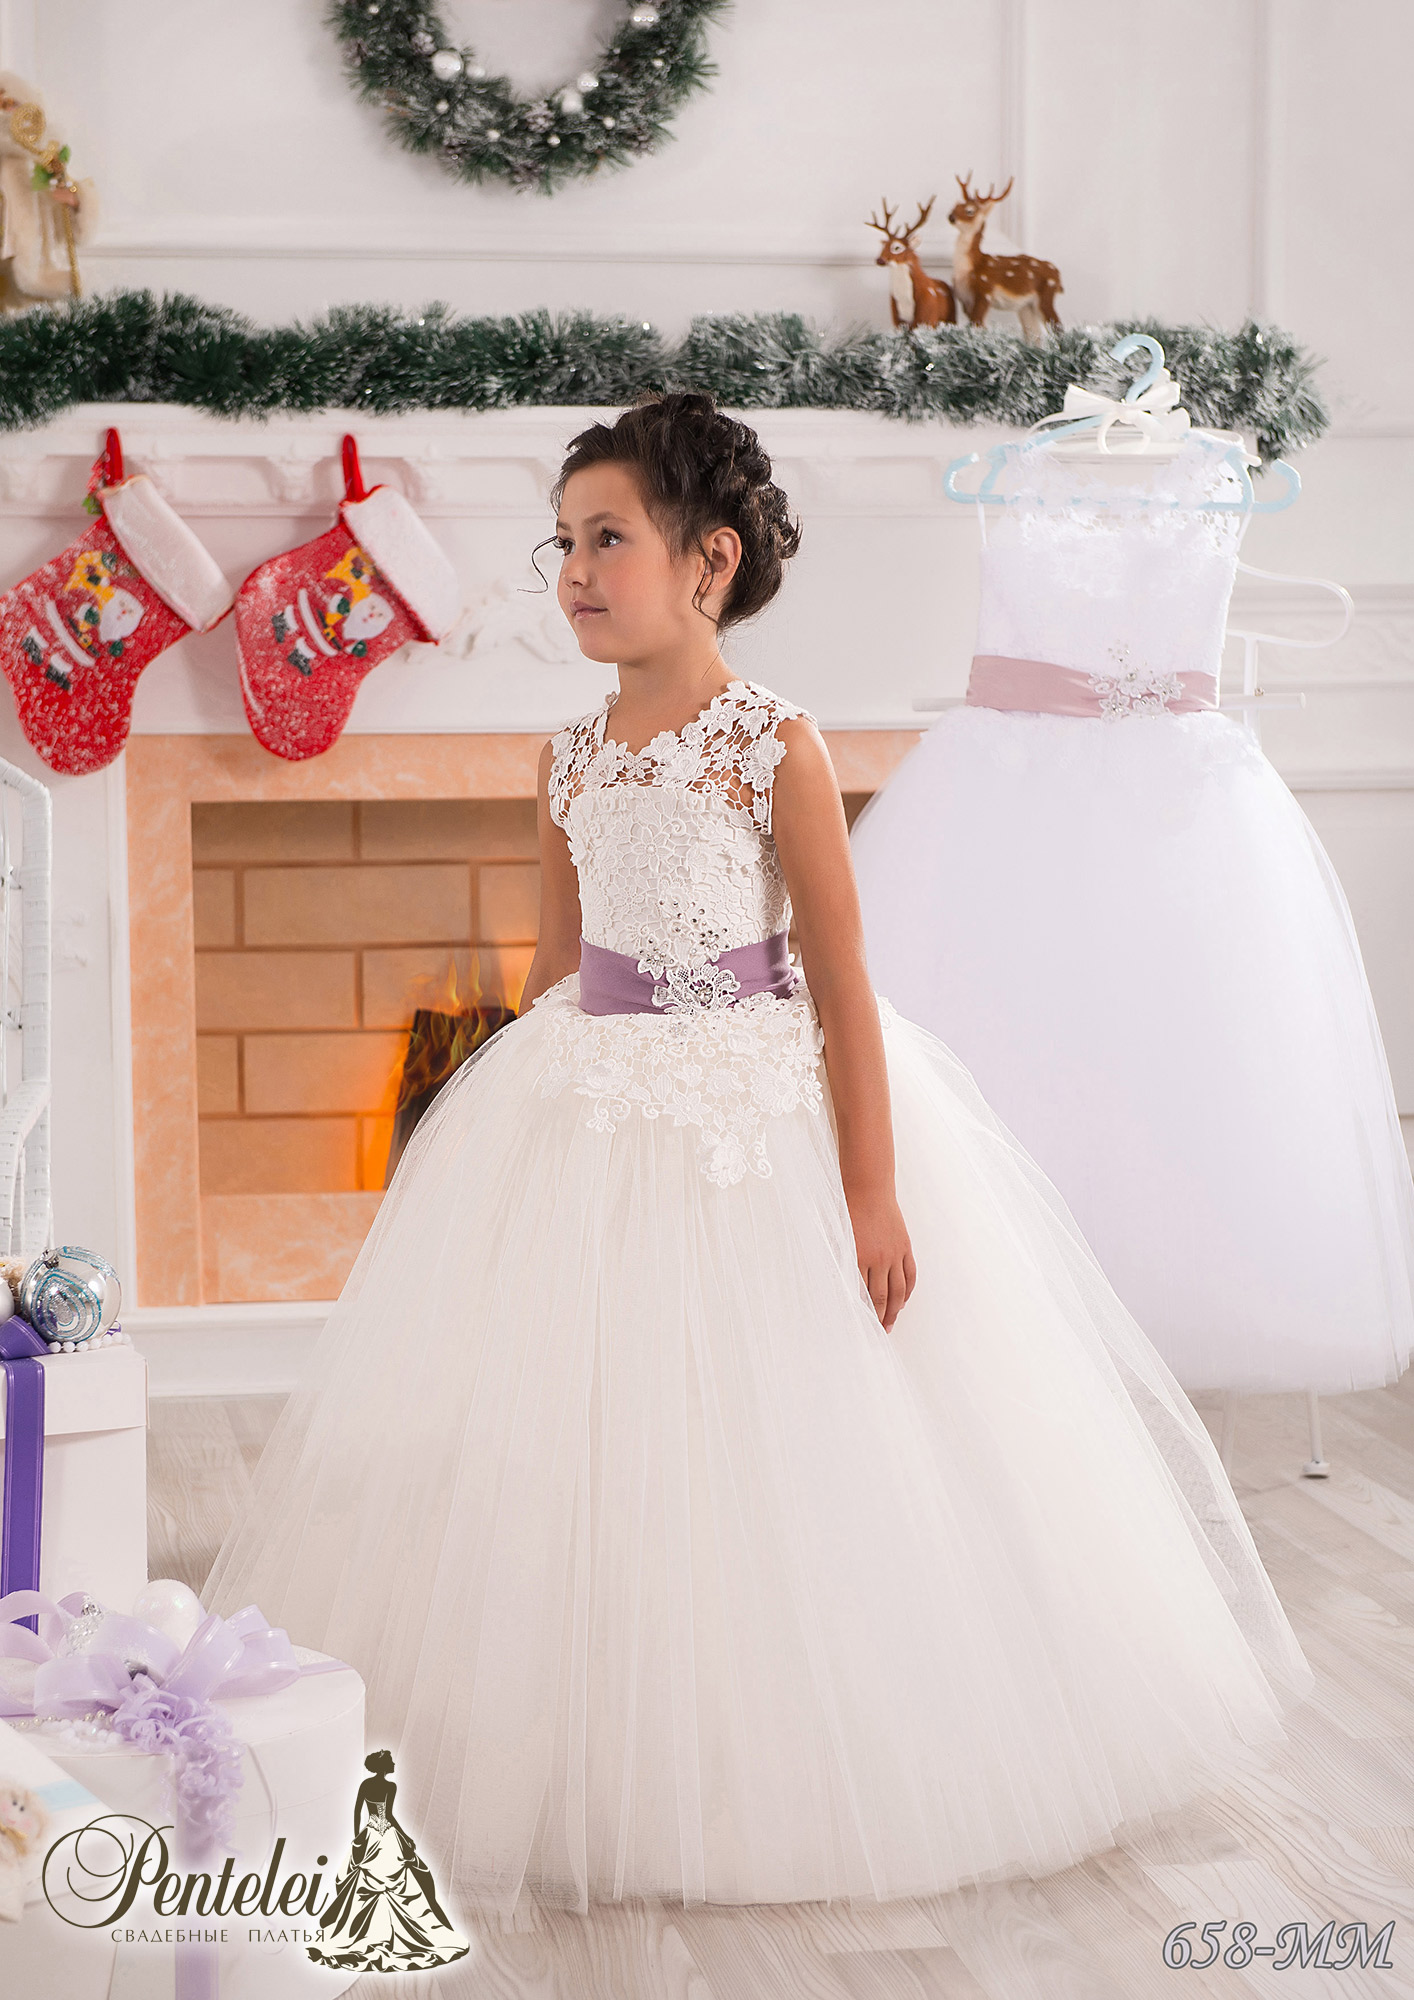 658-MM | Купити дитячі сукні оптом від Pentelei